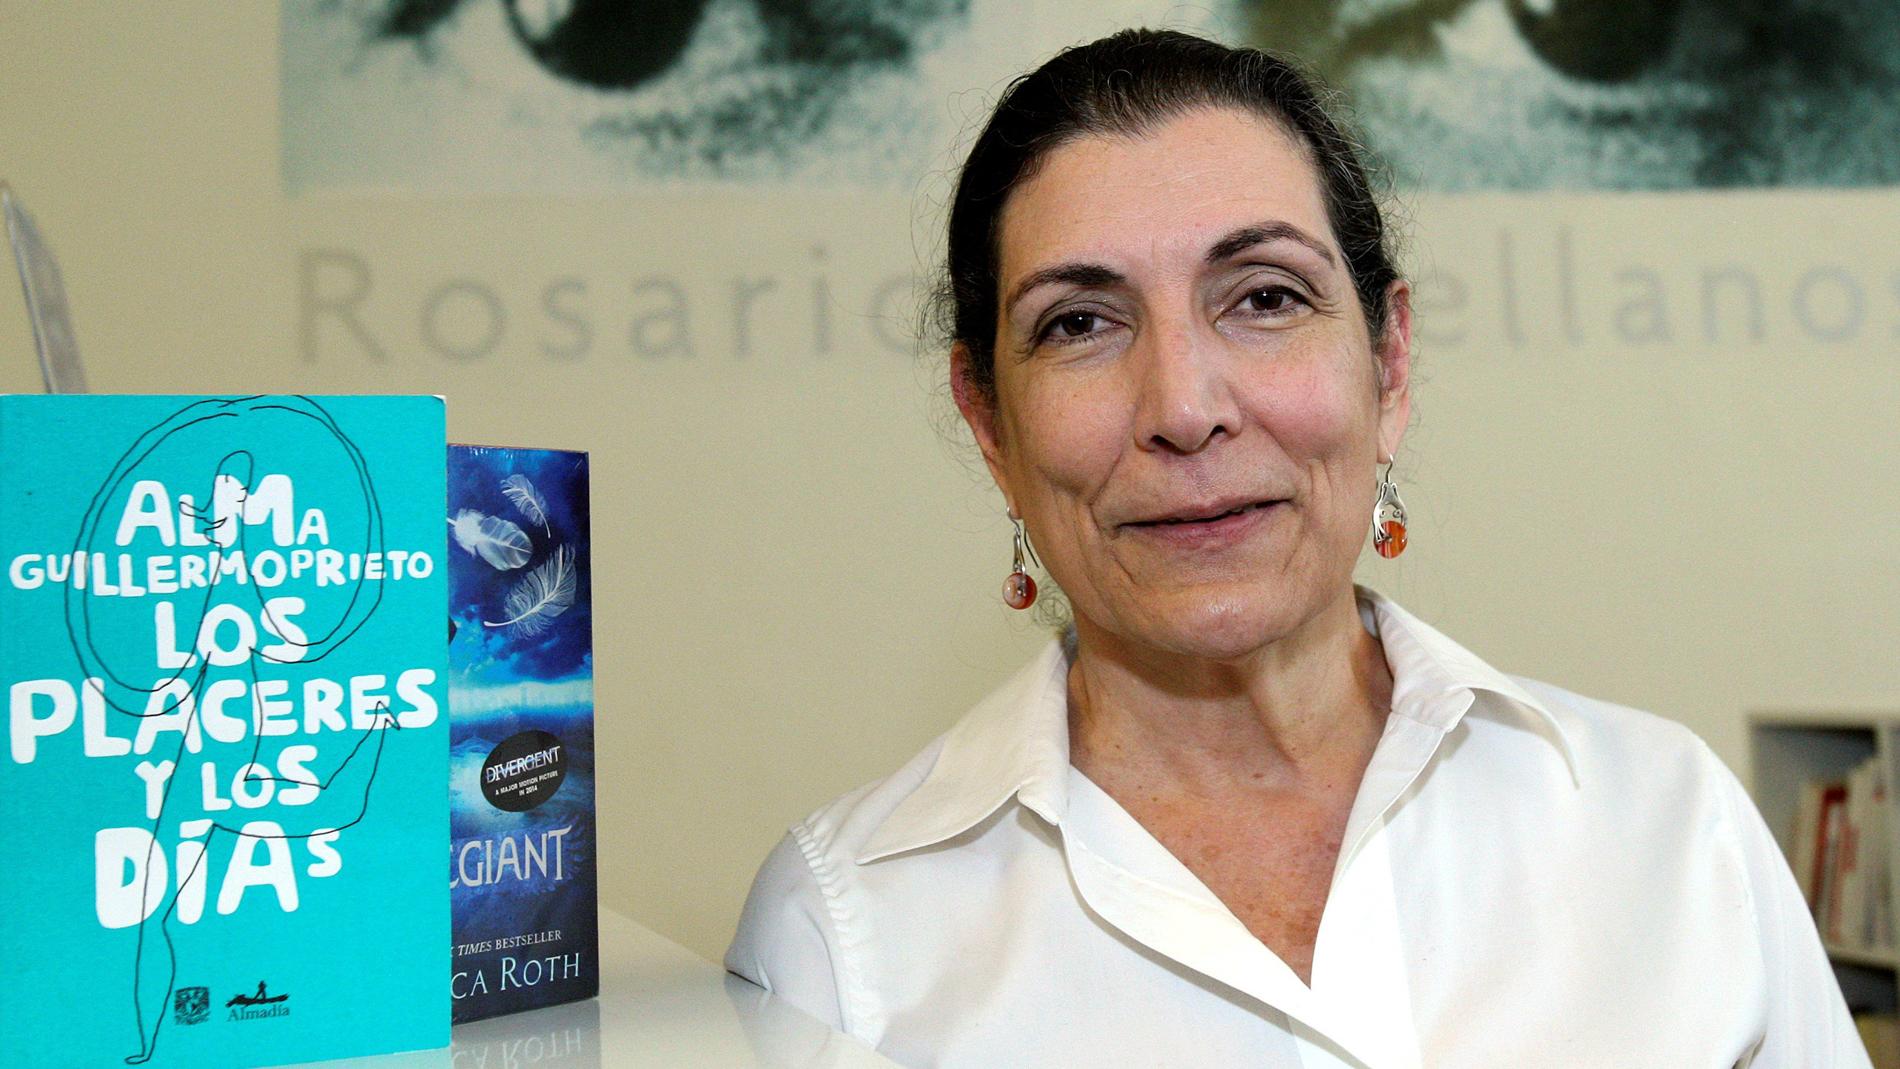 El coraje y el compromiso de la periodista mexicana Alma Guillermoprieto, Premio Princesa de Comunicación